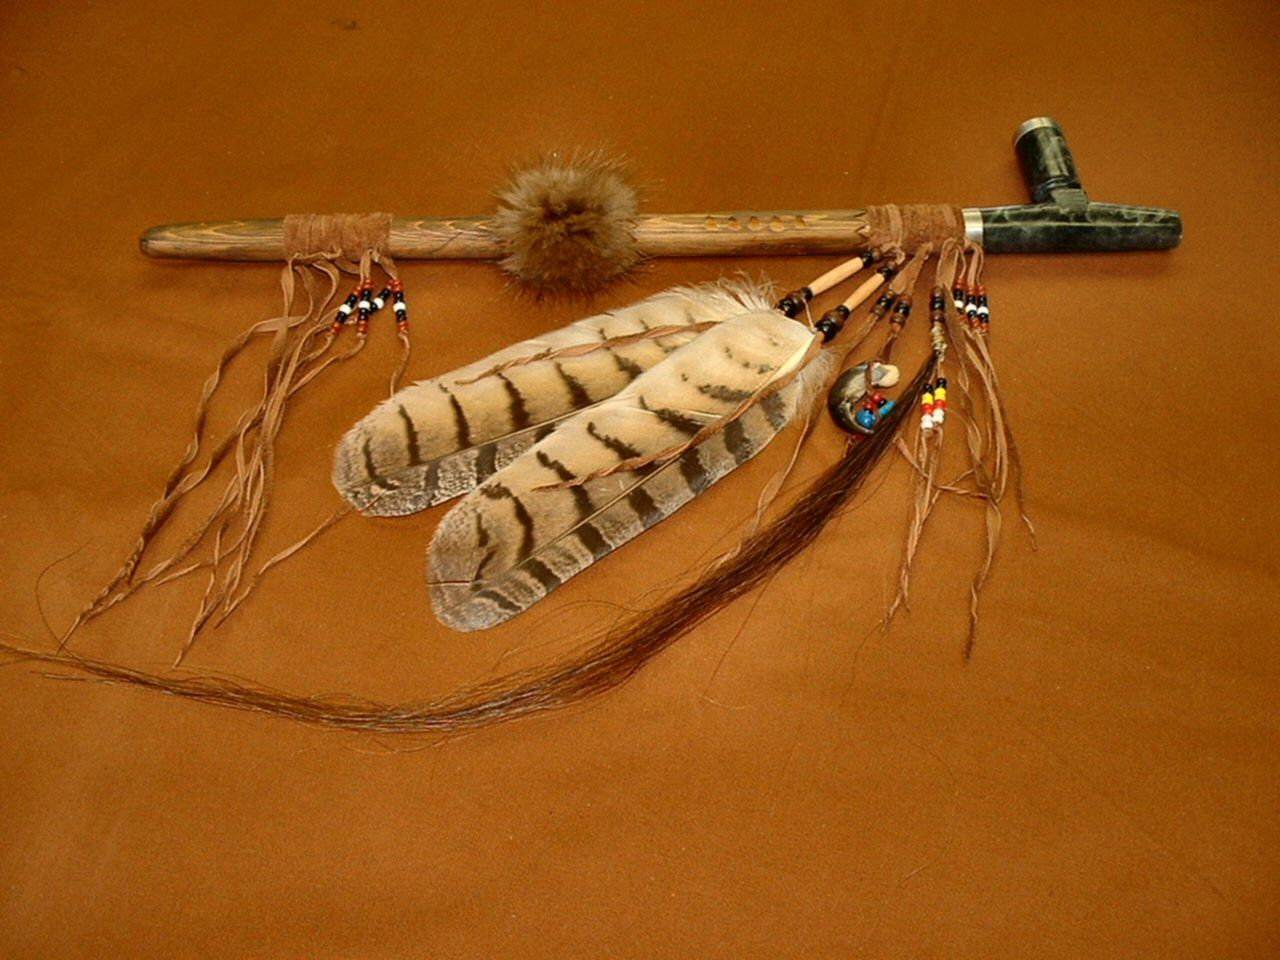 Pièces unique - Okiart - Artisanat Amérindien   Talking ...